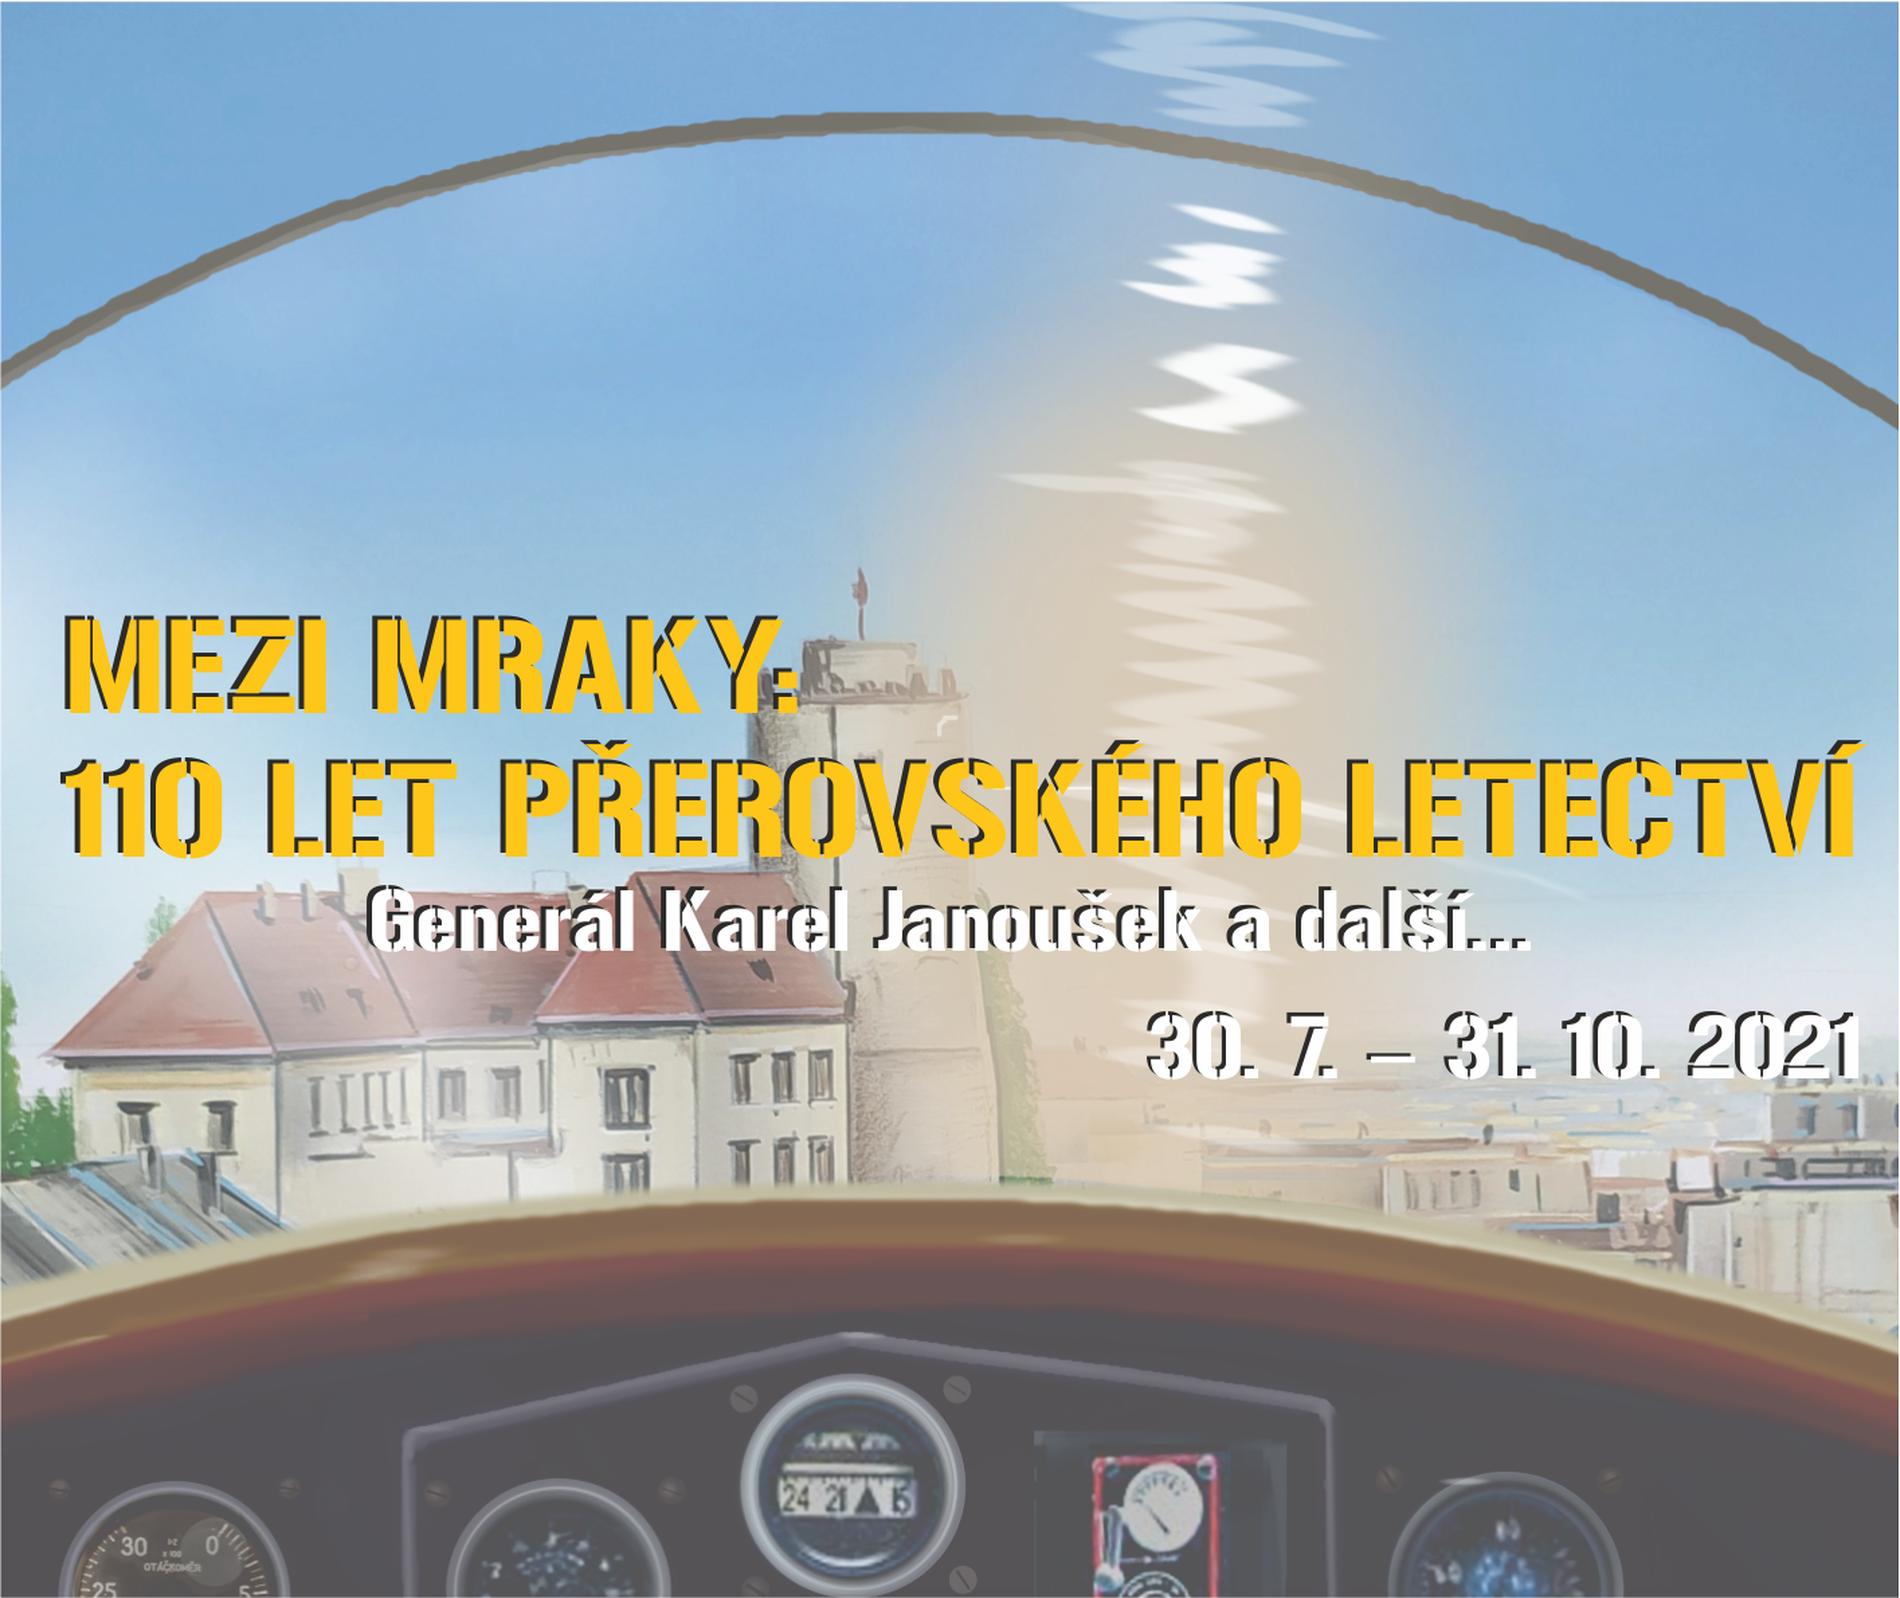 Mezi mraky: 110 let přerovského letectví. Generál Janoušek a další…